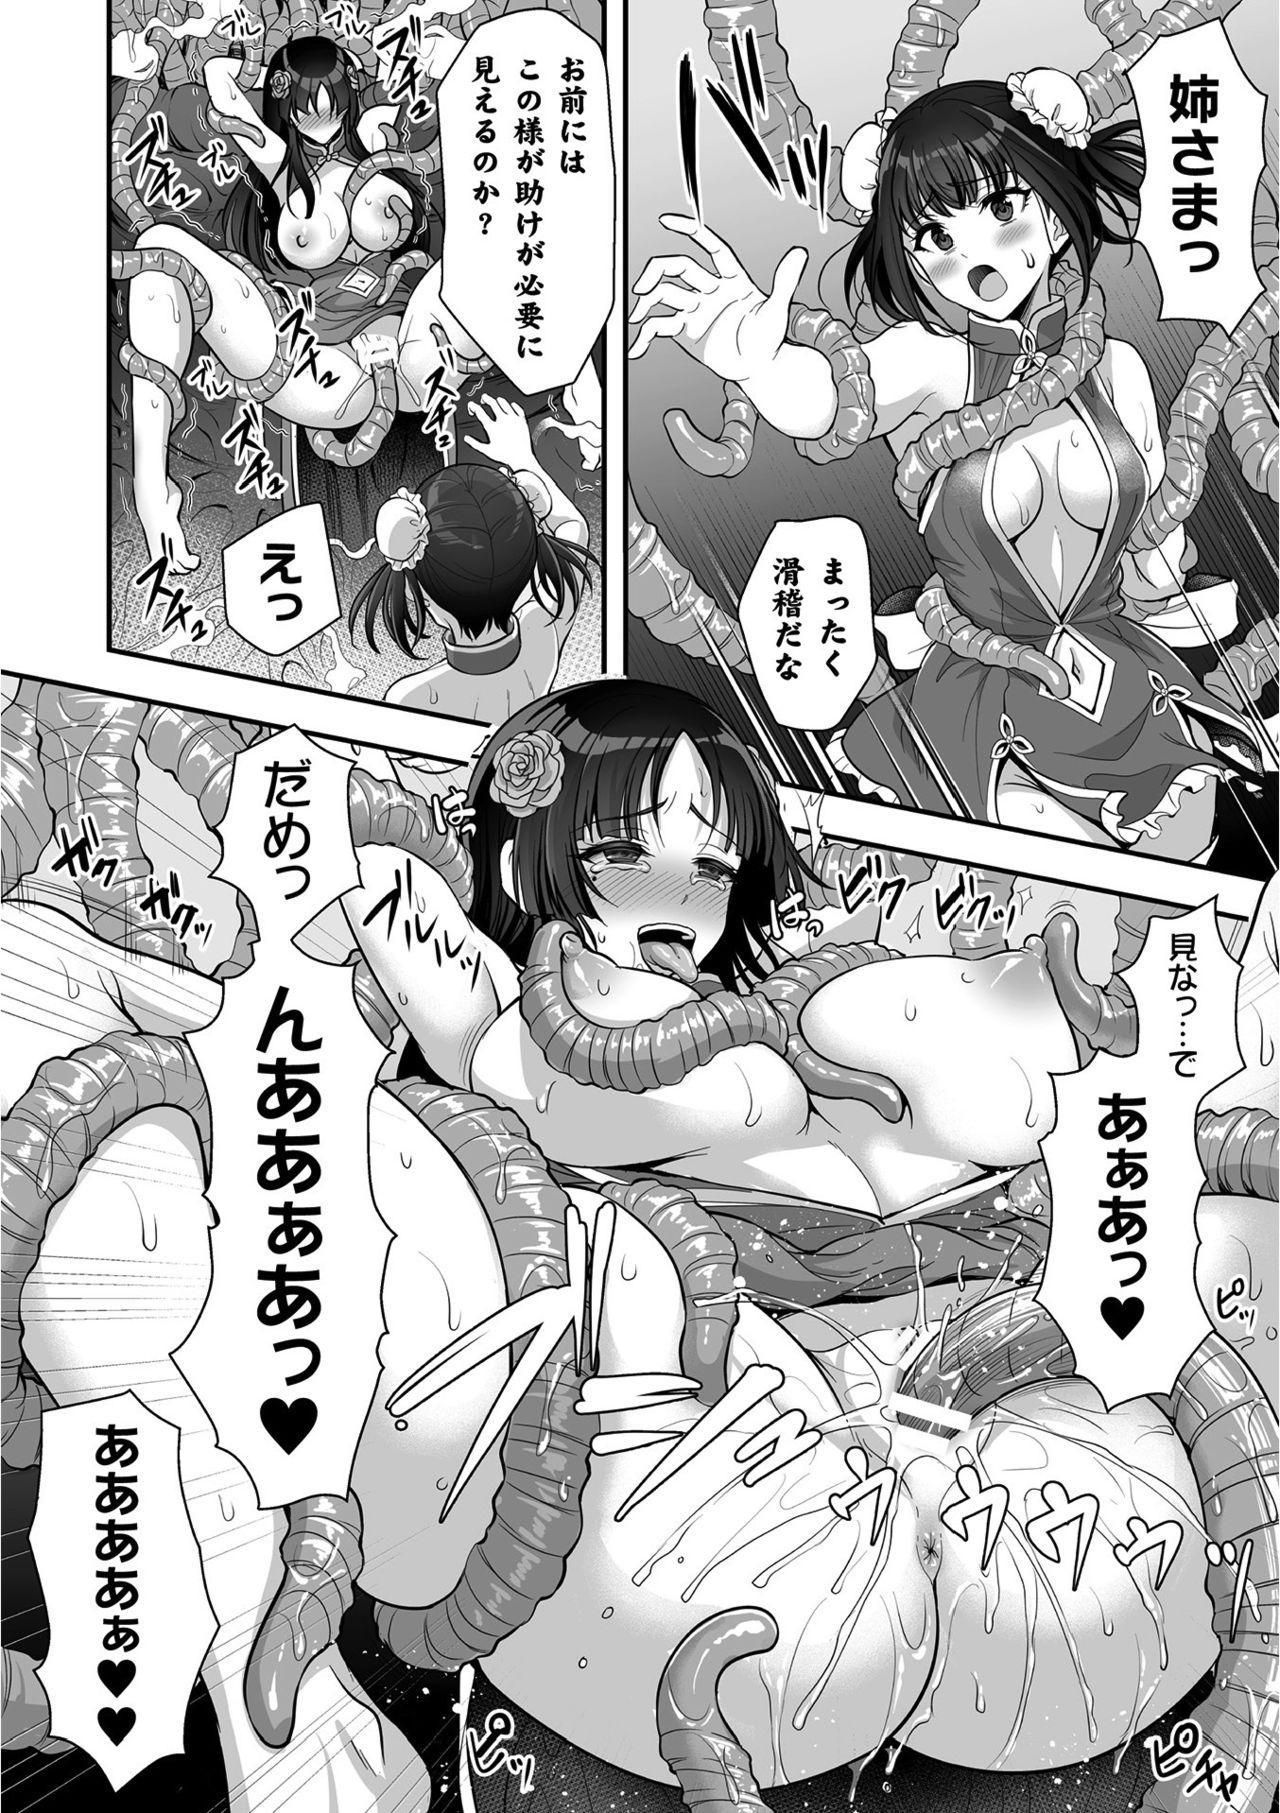 Kukkoro Heroines Vol. 12 33